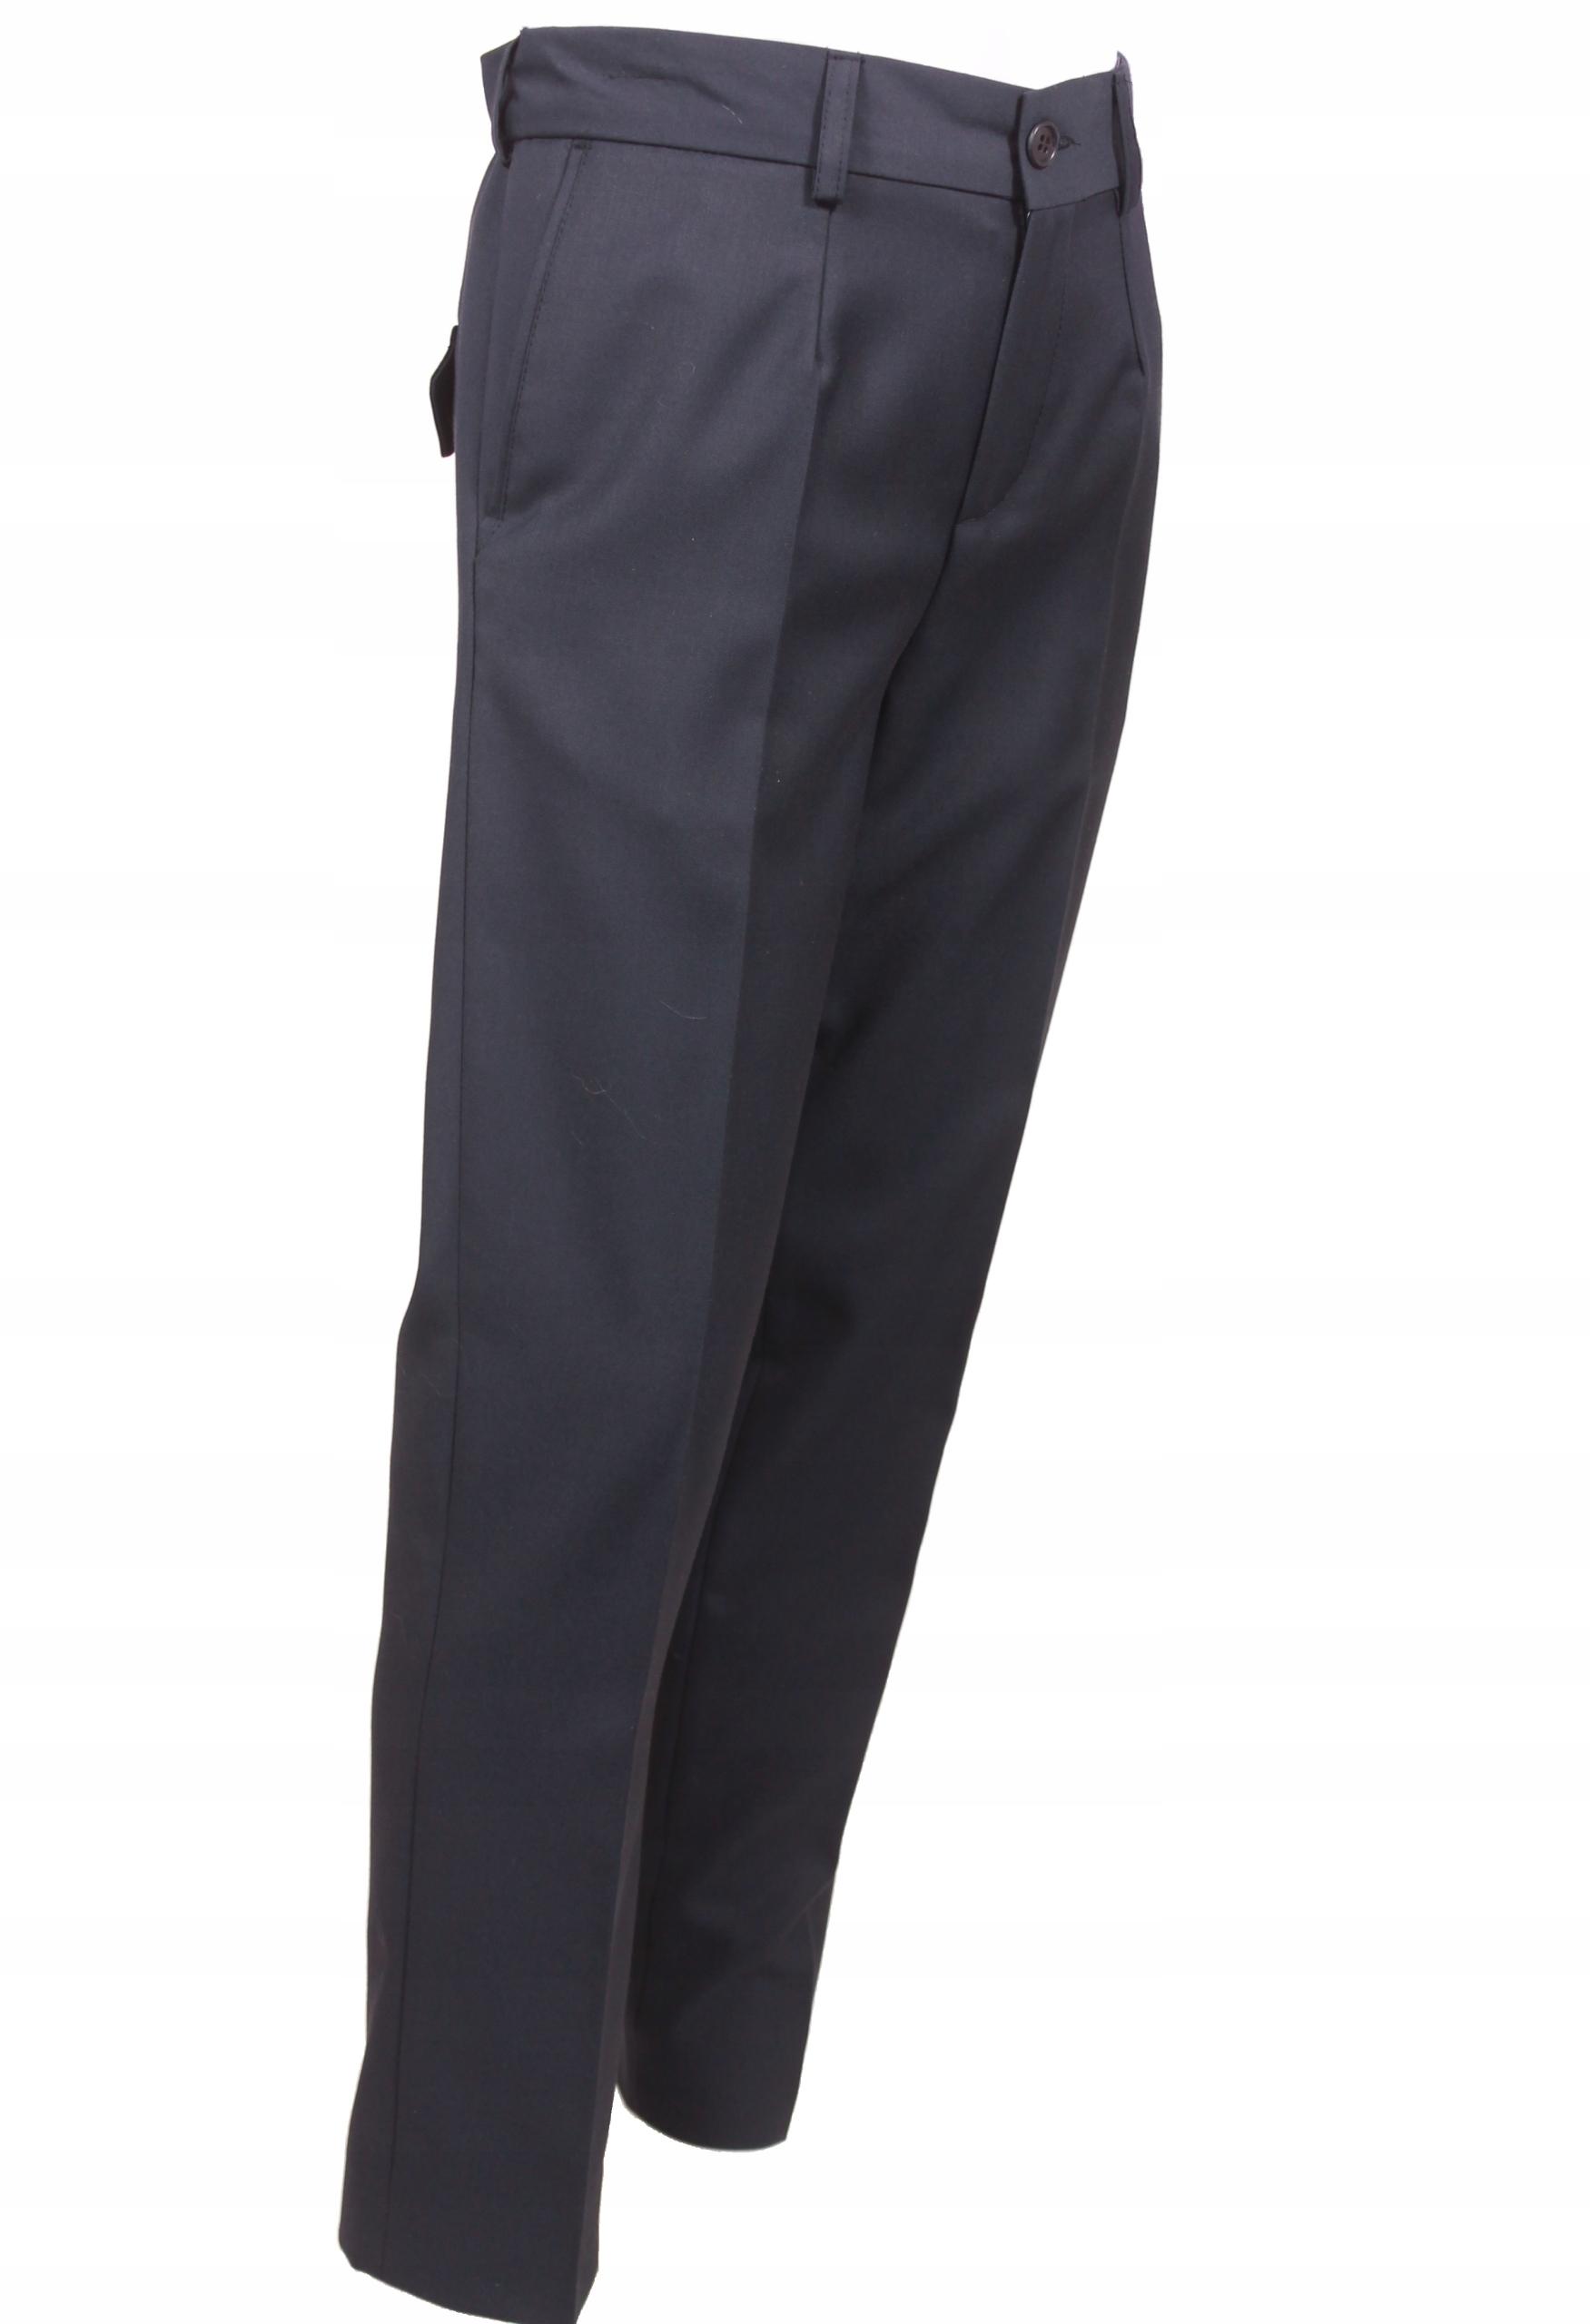 Nohavice garniturowe SOMIR kobaltu veľkosť.134 XXL